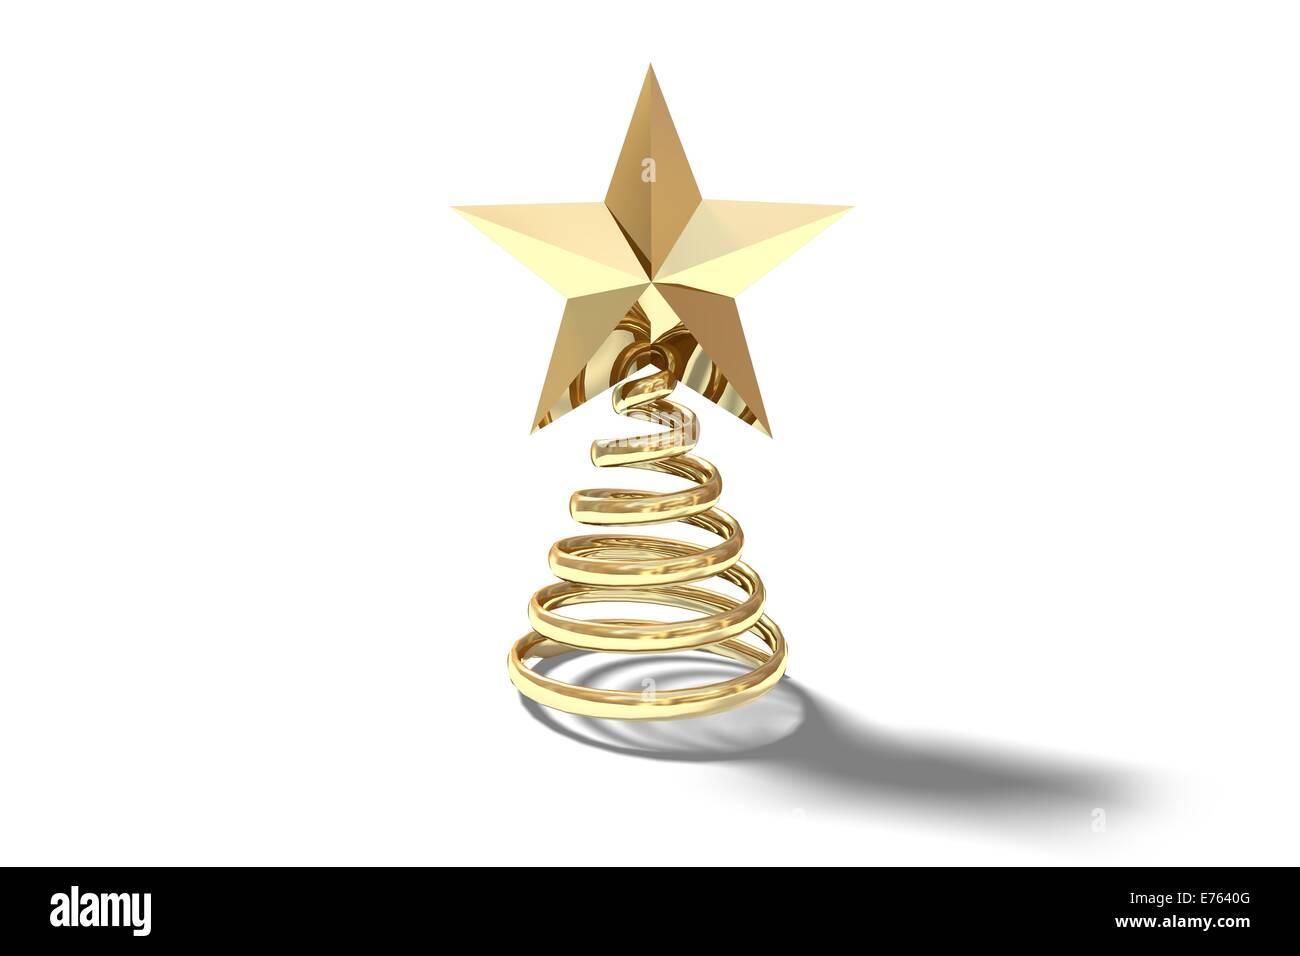 Weihnachtsbaum Metall Spirale.Spiralverzierung Stockfotos Spiralverzierung Bilder Alamy